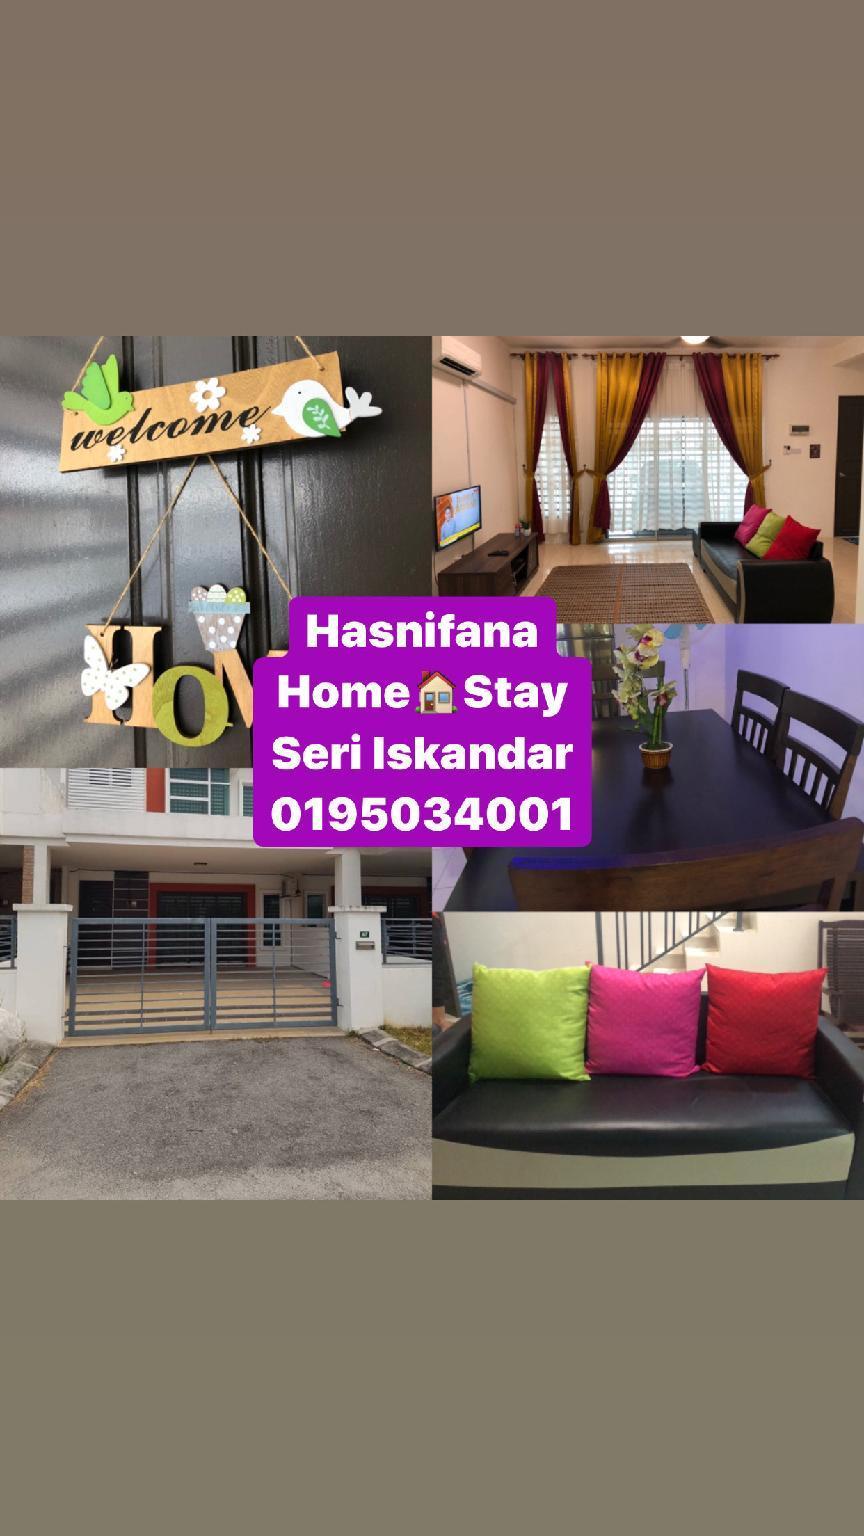 Hasnifana Homestay Seri Iskandar